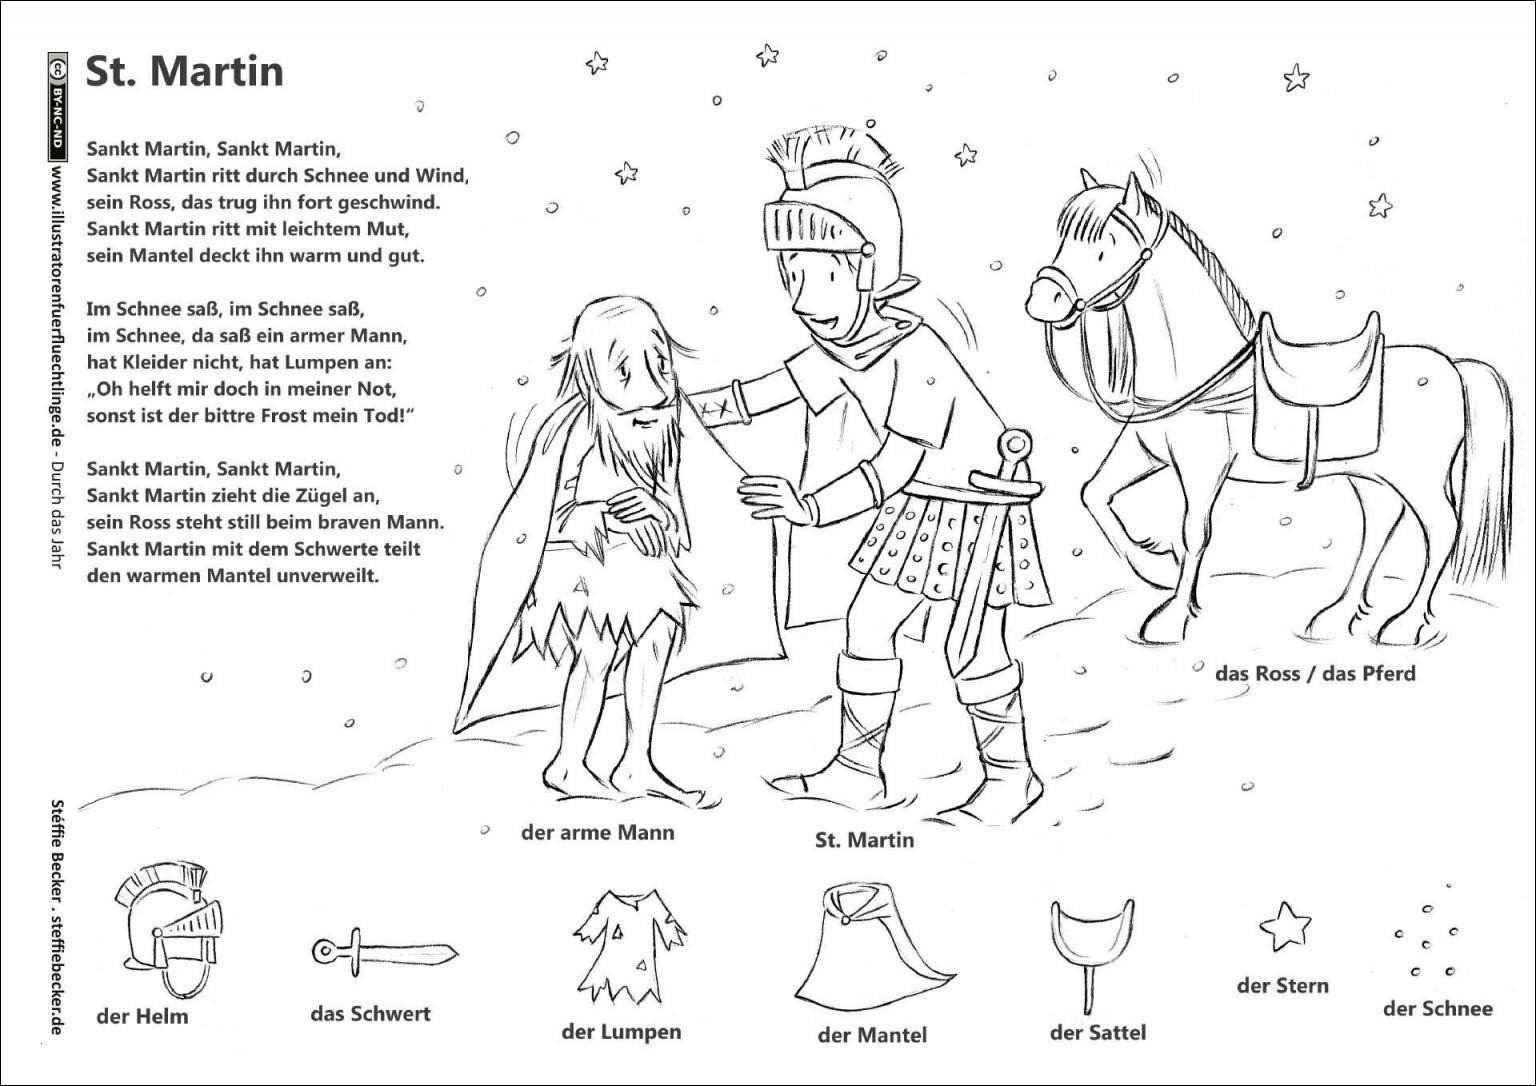 Ausmalbilder Weihnachten Teddy Frisch Ausmalbilder Minions 11 Inspirierend Malvorlagen Minions Gratis Fotos